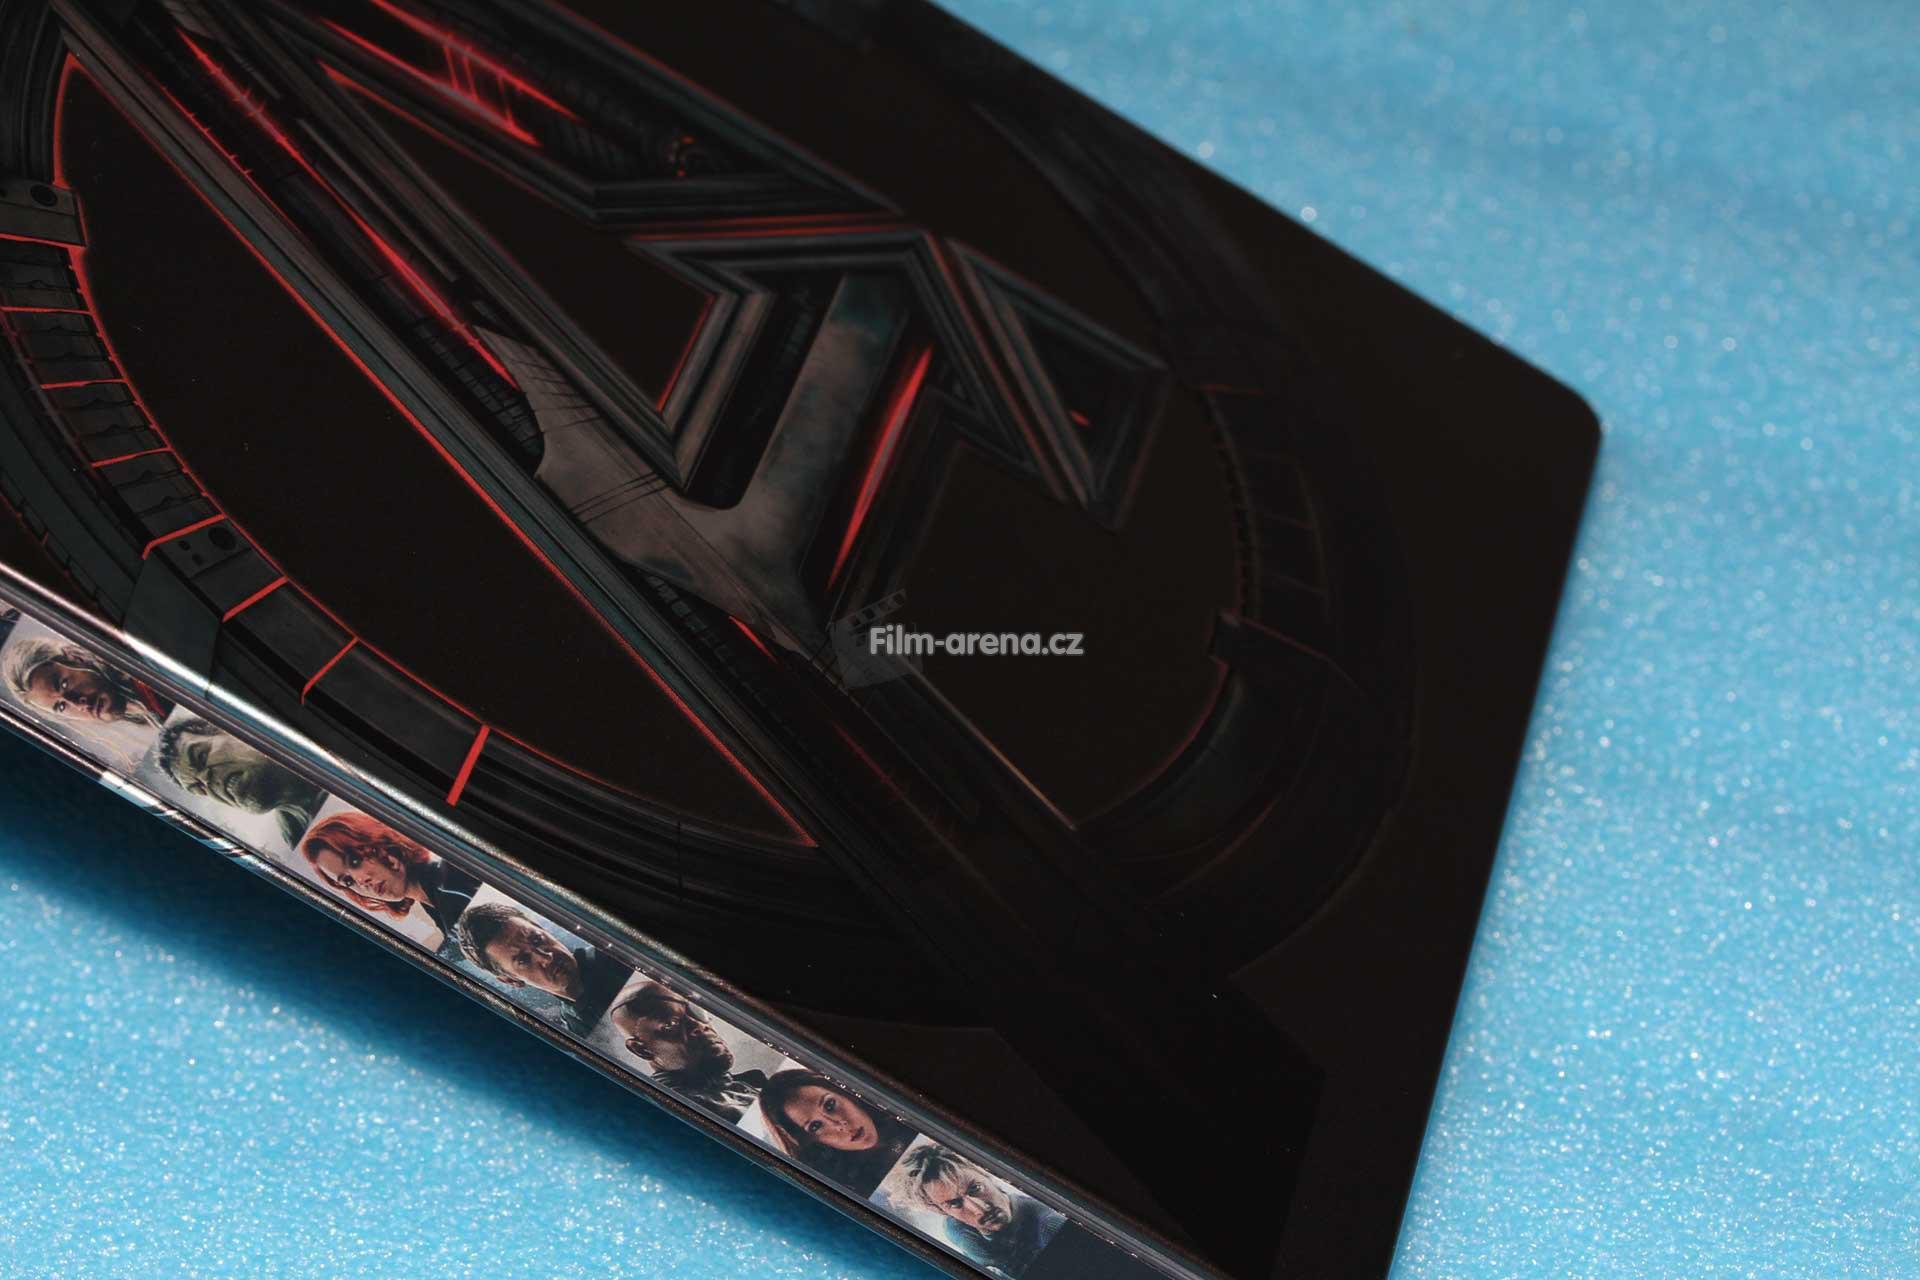 http://www.filmarena.cz/upload/images/nazivo/Avengers_2/avengers_13.jpg